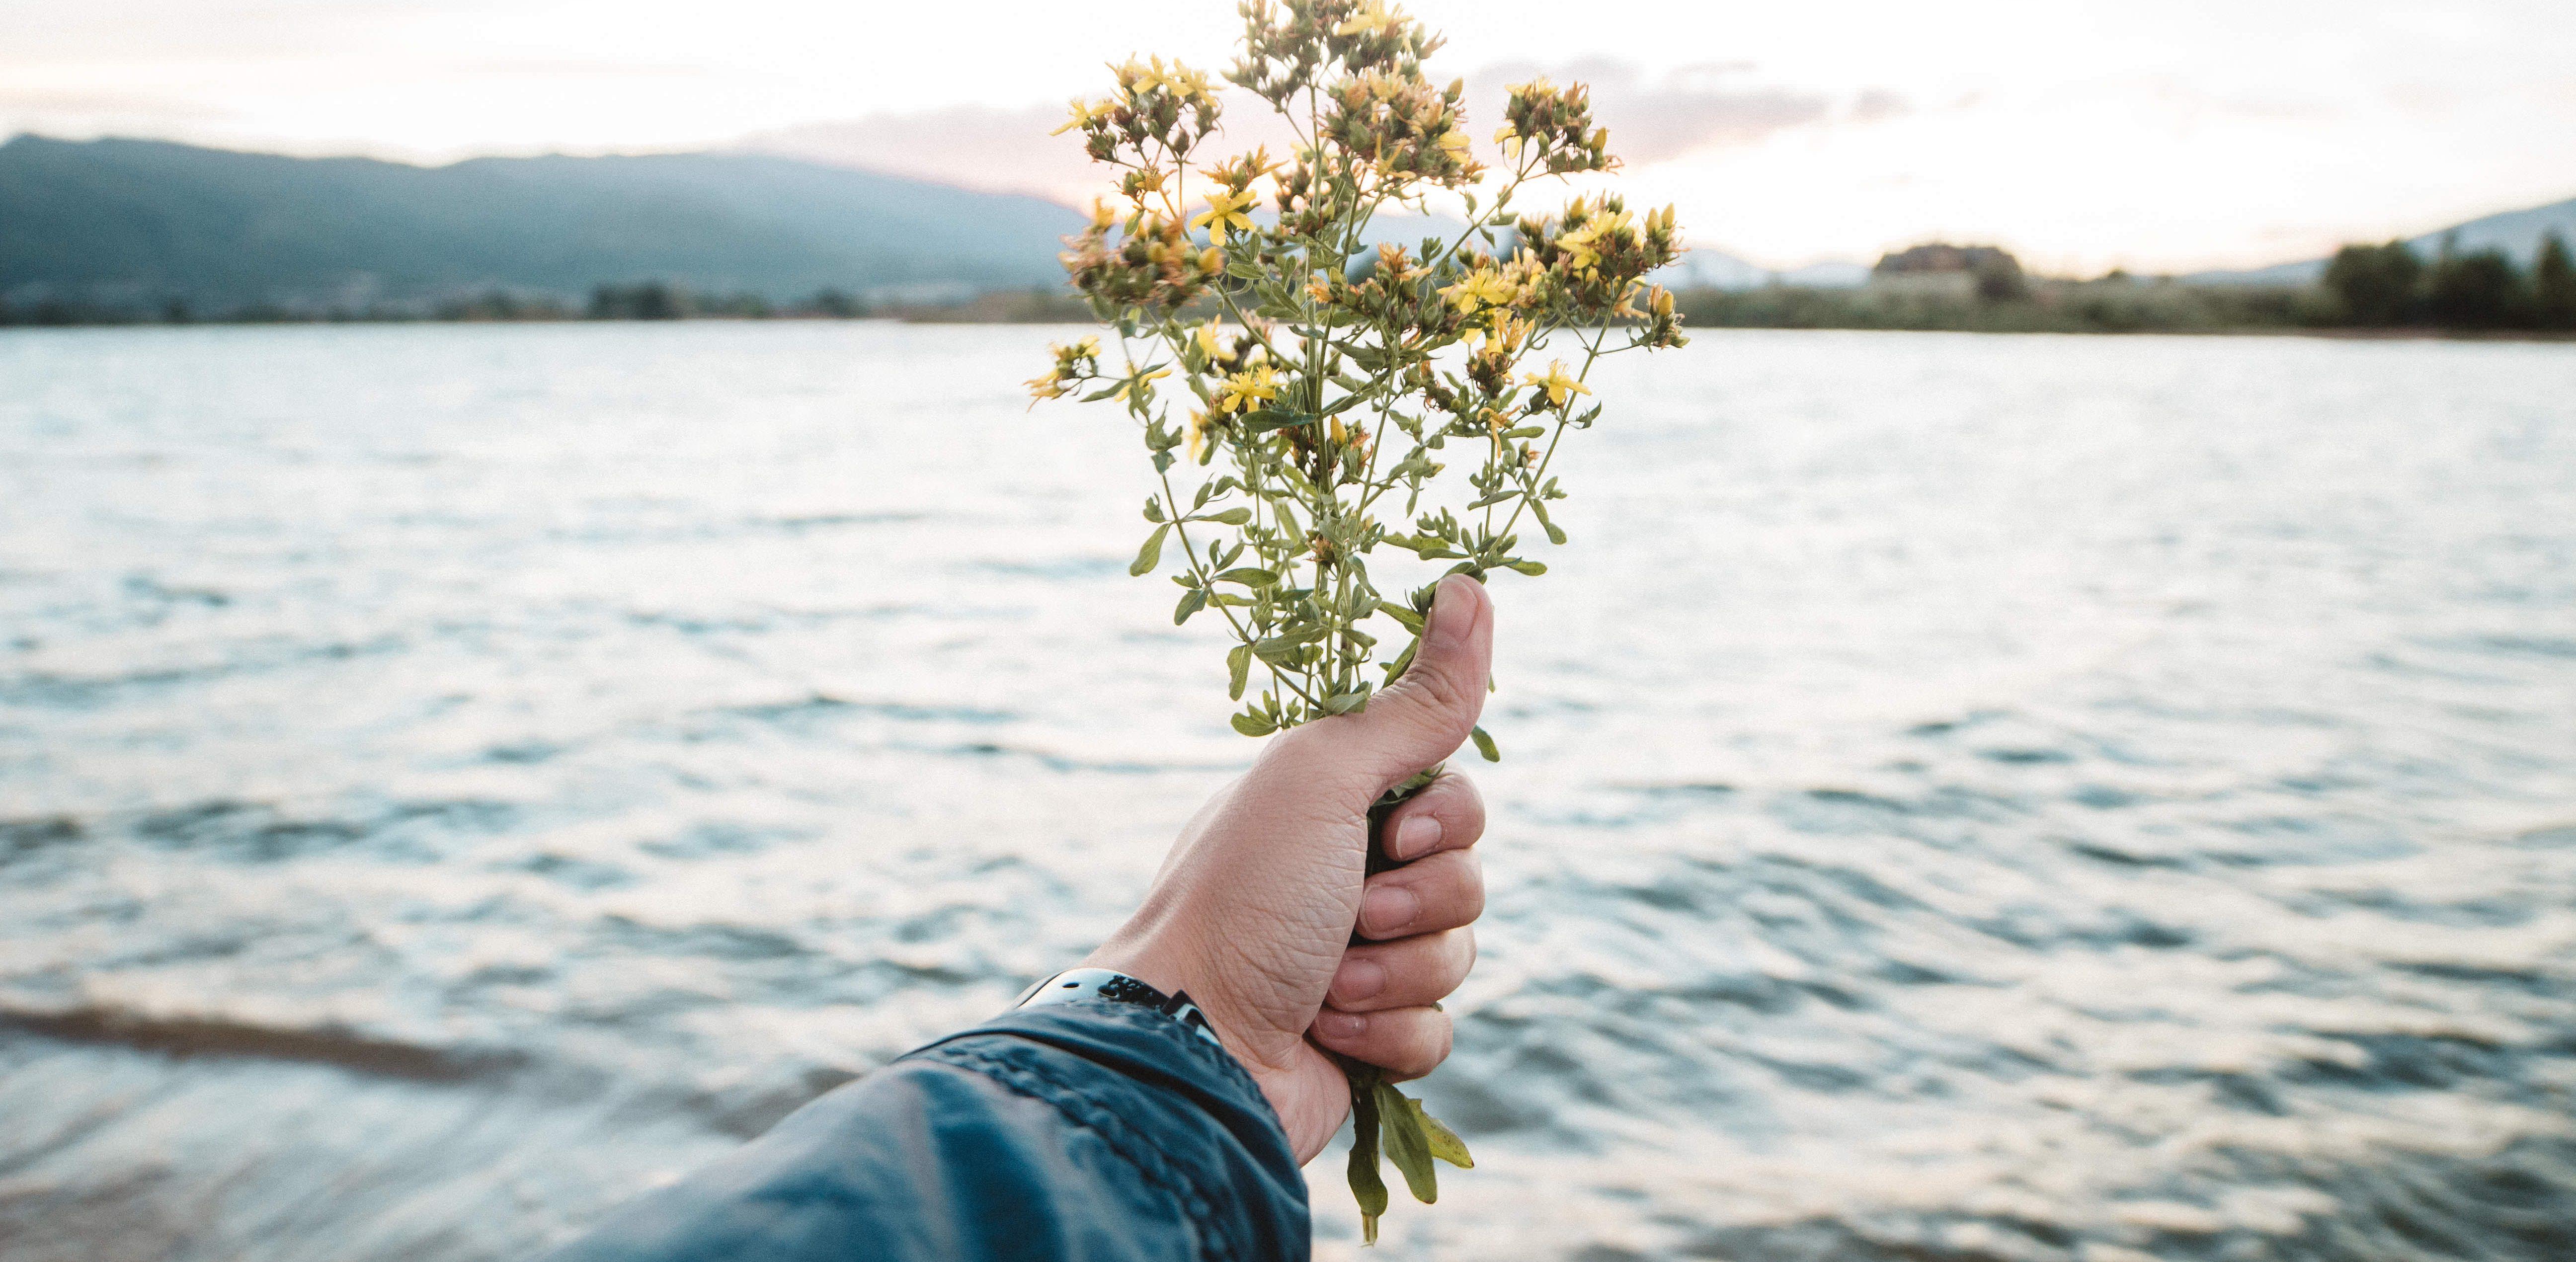 Dear Past Me: Live, Love, and Appreciate